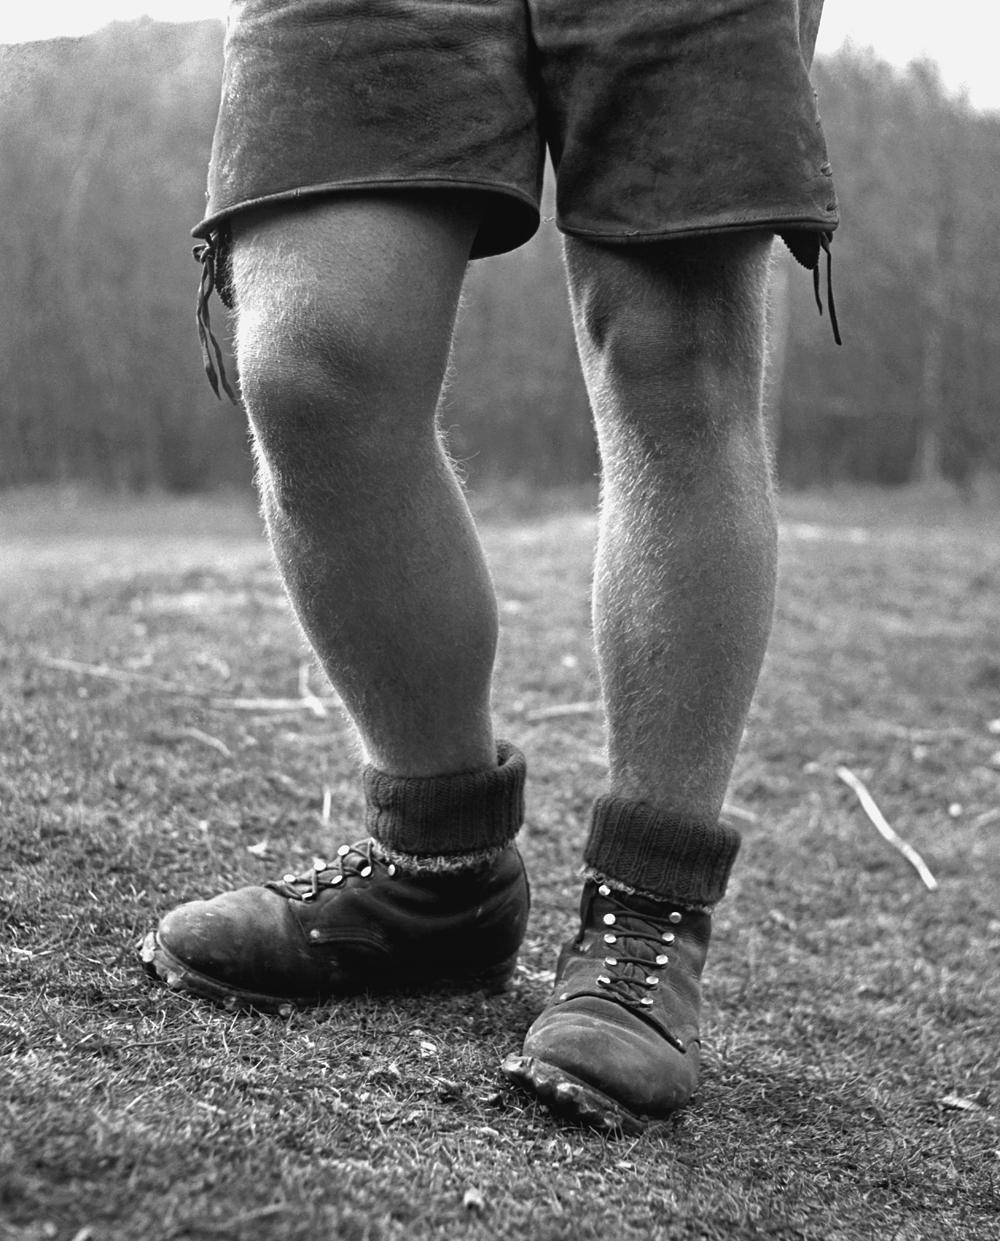 1043 Les jambes du campeur